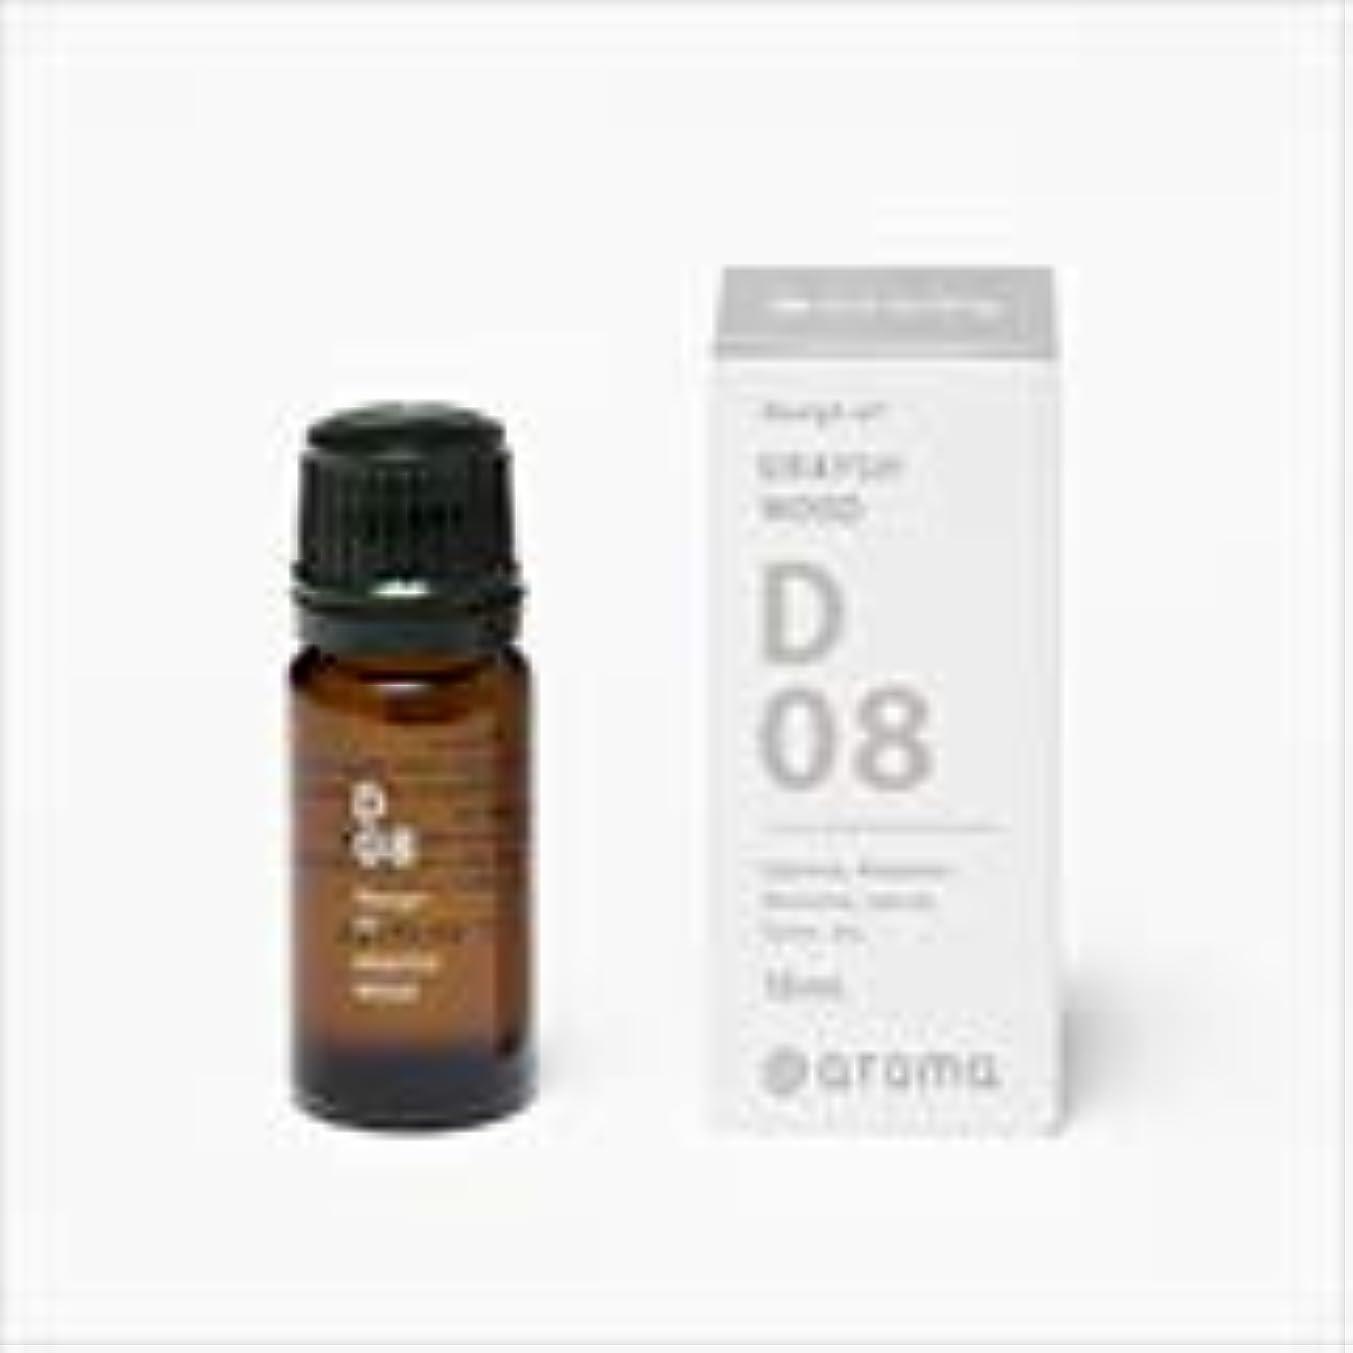 サドル繰り返す殺人者アットアロマ 100%pure essential oil <Design air バニラベージュ>